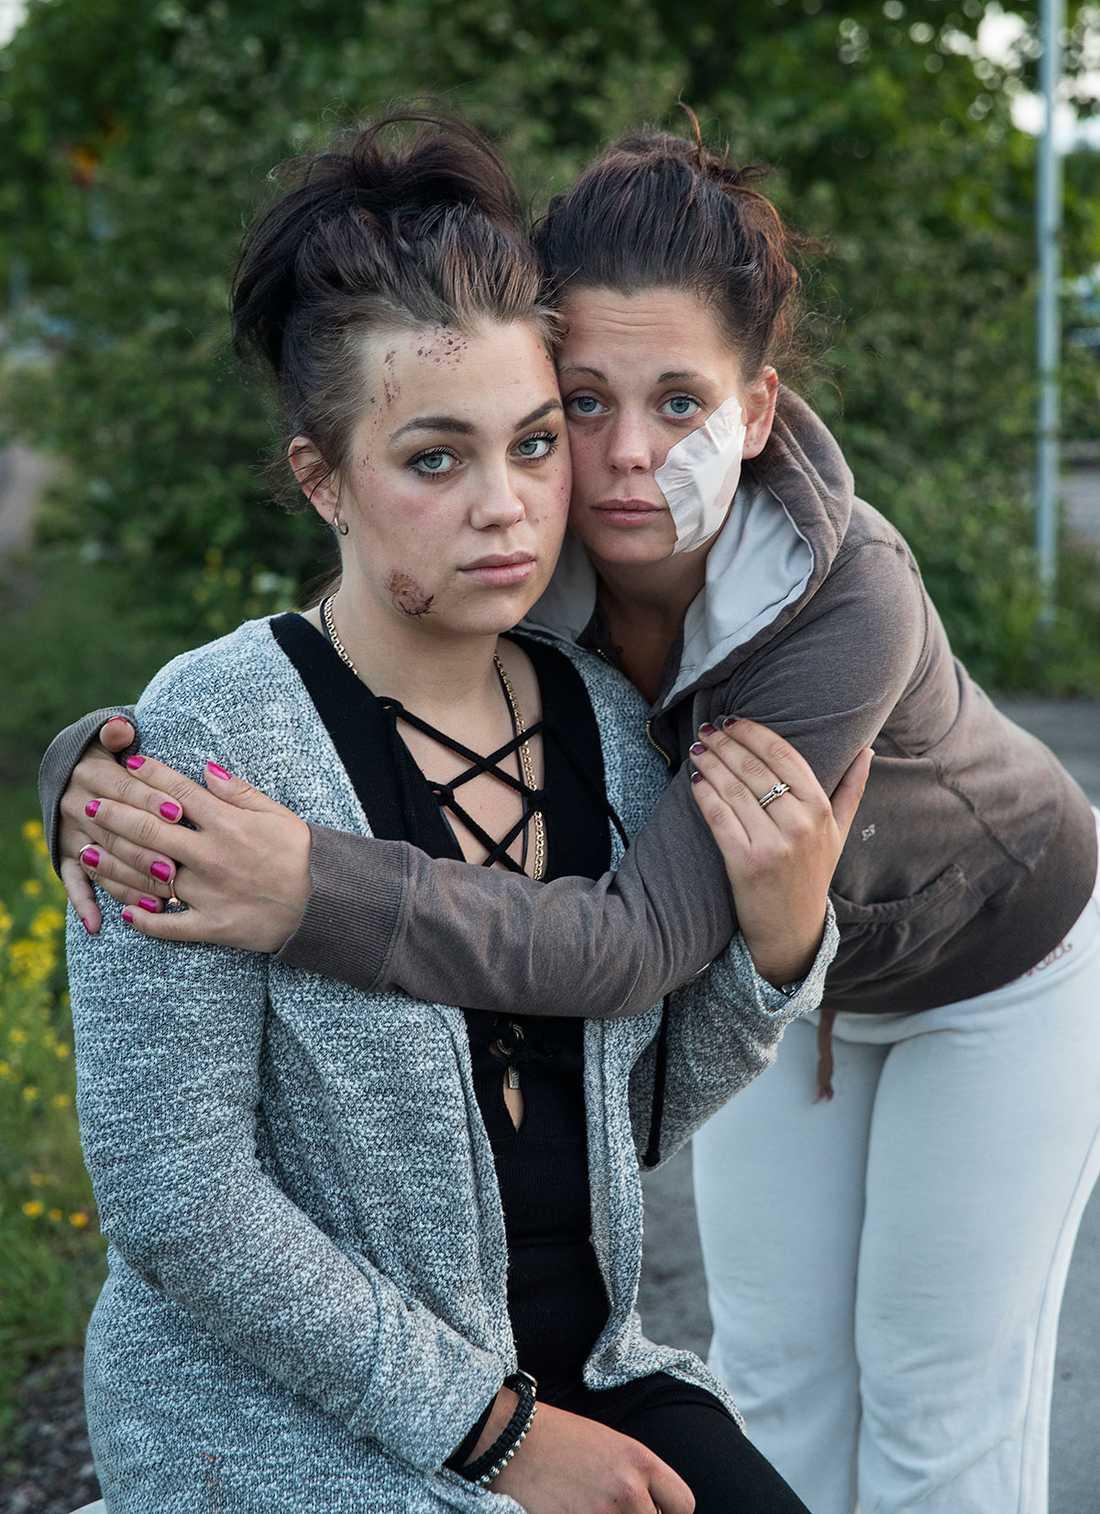 Josefine och Danielle Siljebäck (plåster), som fått ansiktena delvis bortbitna.